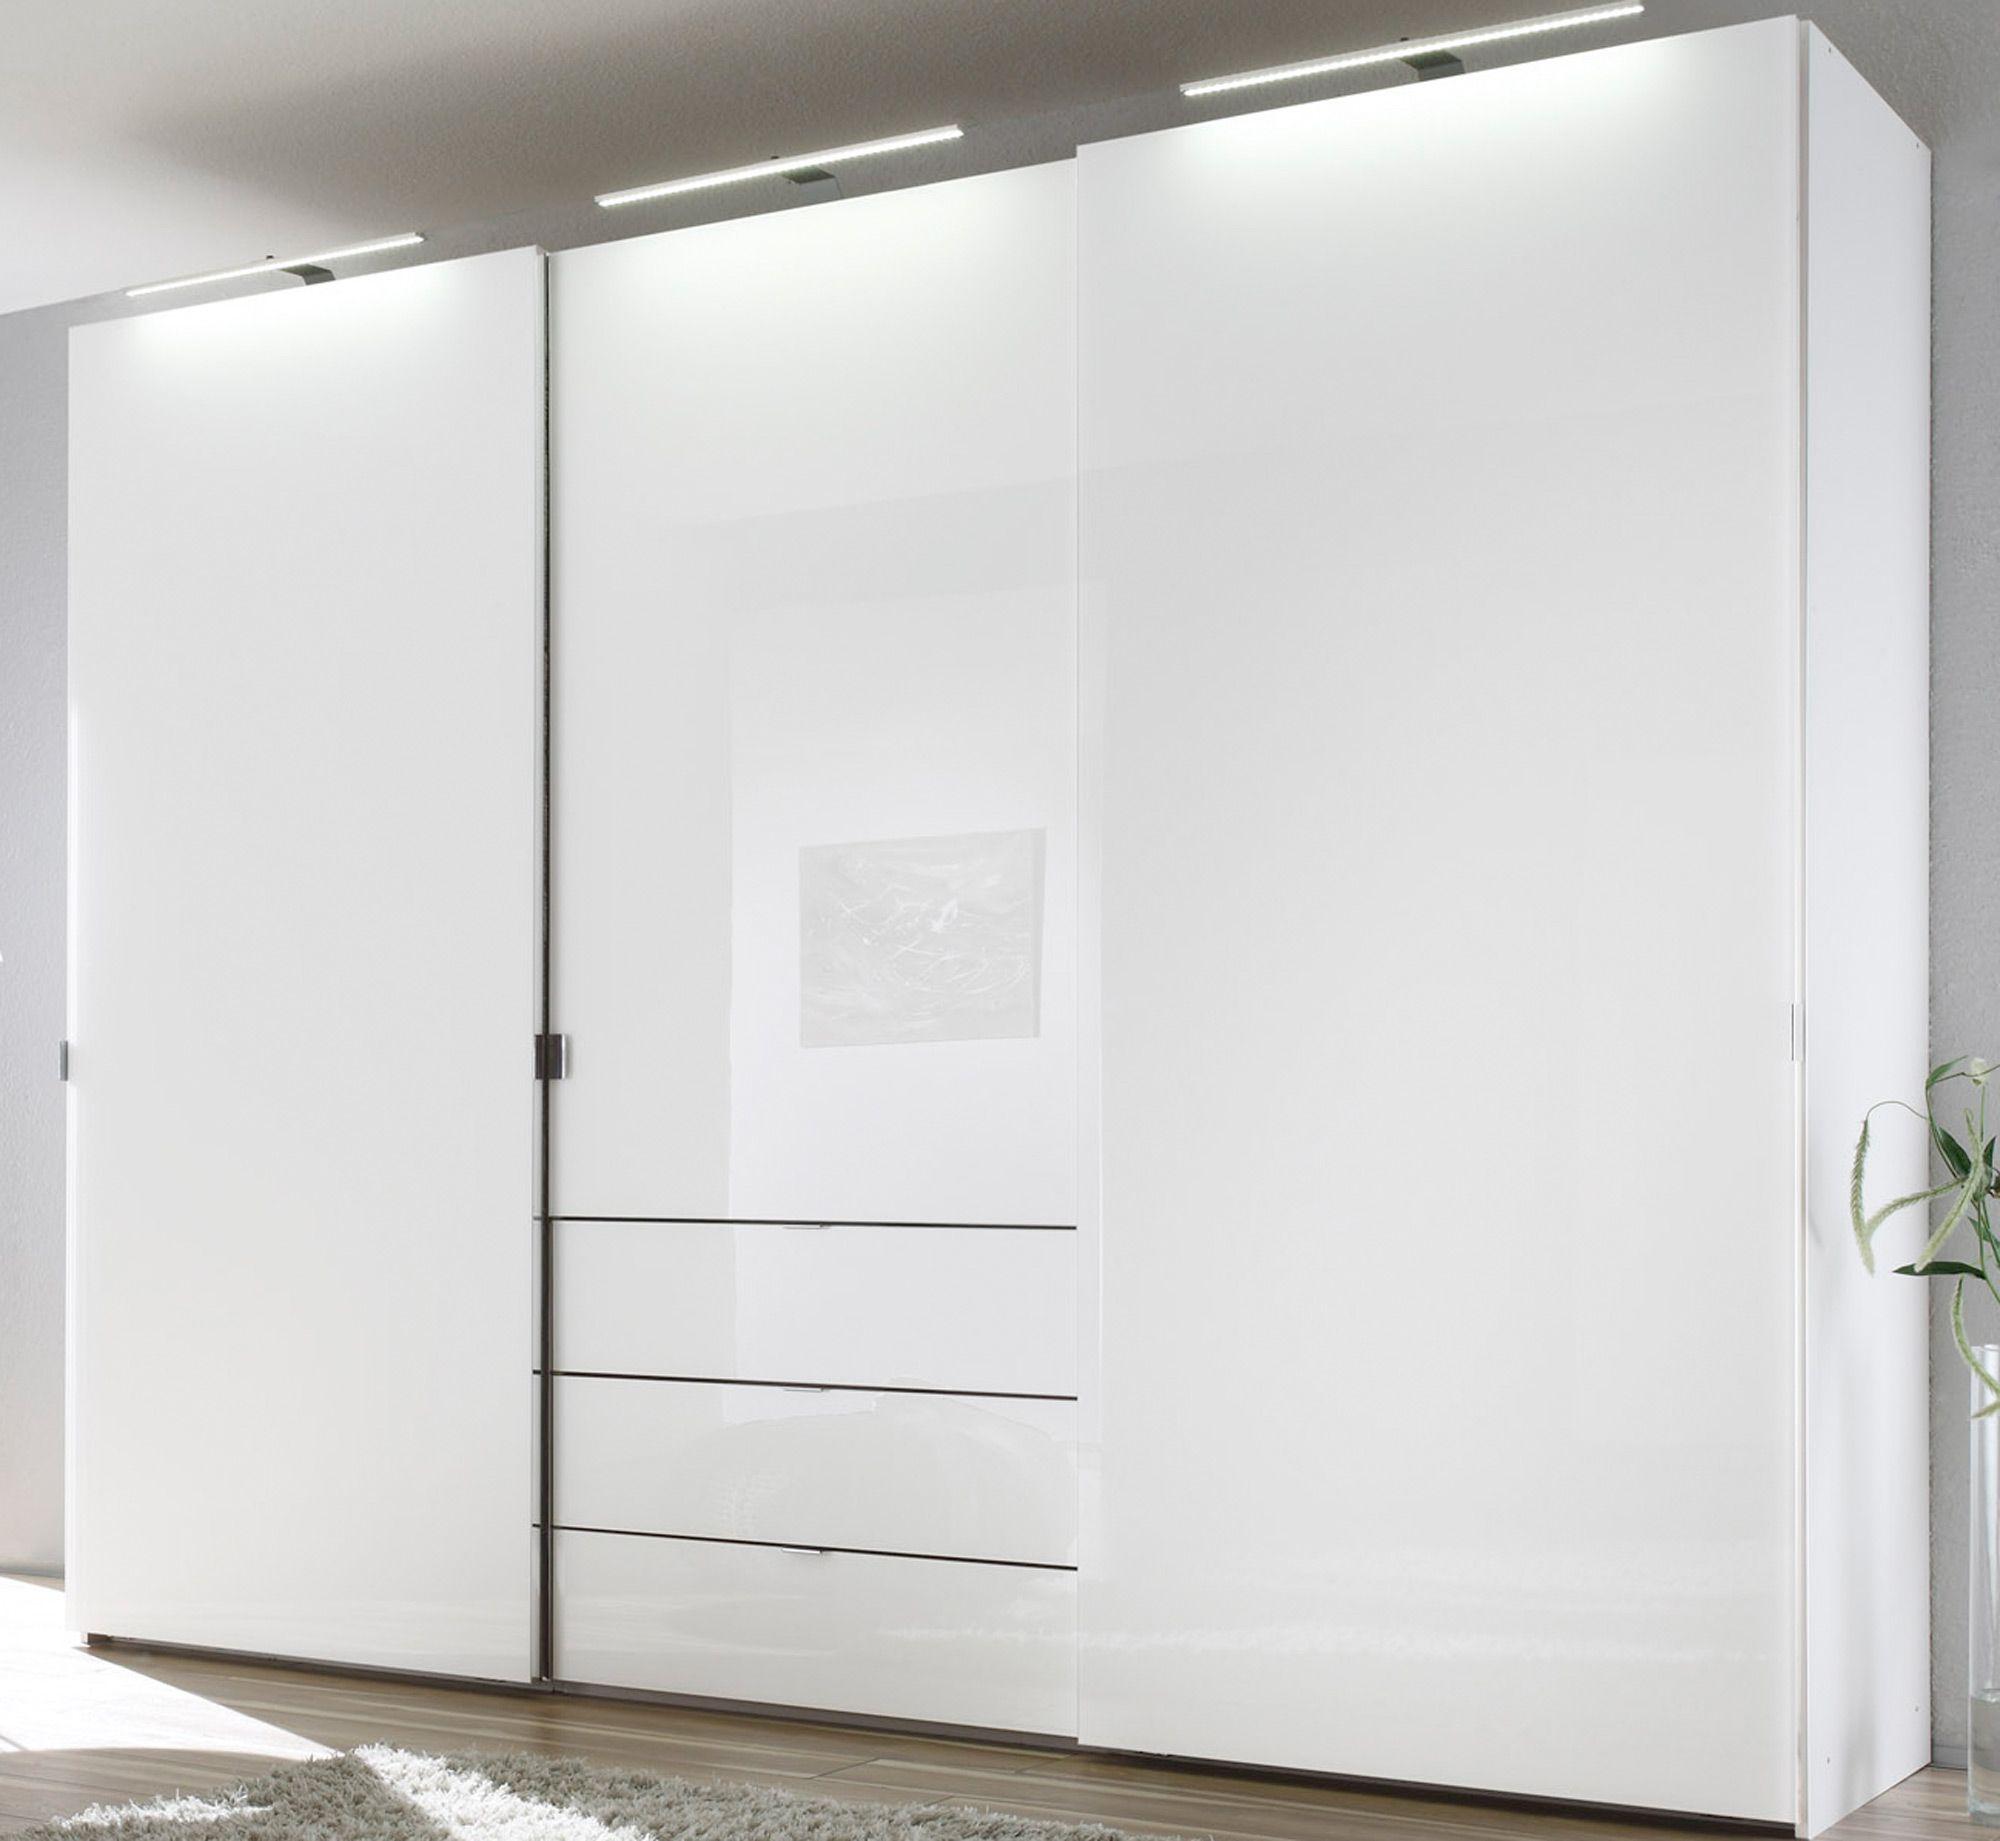 genial kleiderschrank schiebet ren 2 50 m deutsche deko pinterest kleiderschrank. Black Bedroom Furniture Sets. Home Design Ideas